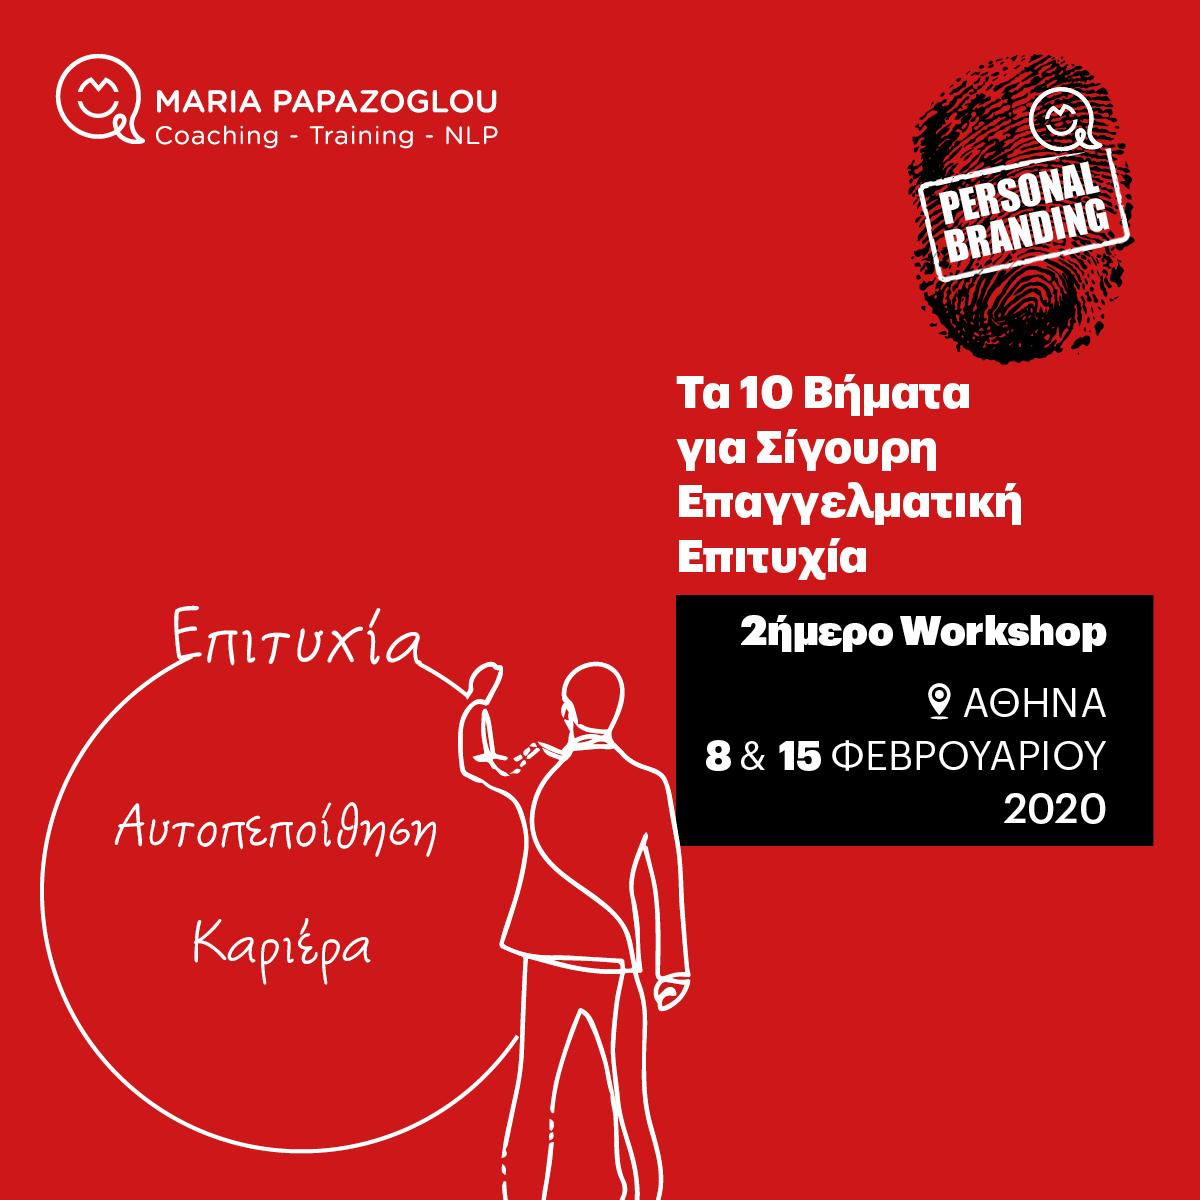 """ΝΕΟ Workshop! """"Τα 10 Βήματα για Σίγουρη Επαγγελματική Επιτυχία"""" Αθήνα 8 & 15 Φεβρουαρίου 2020"""